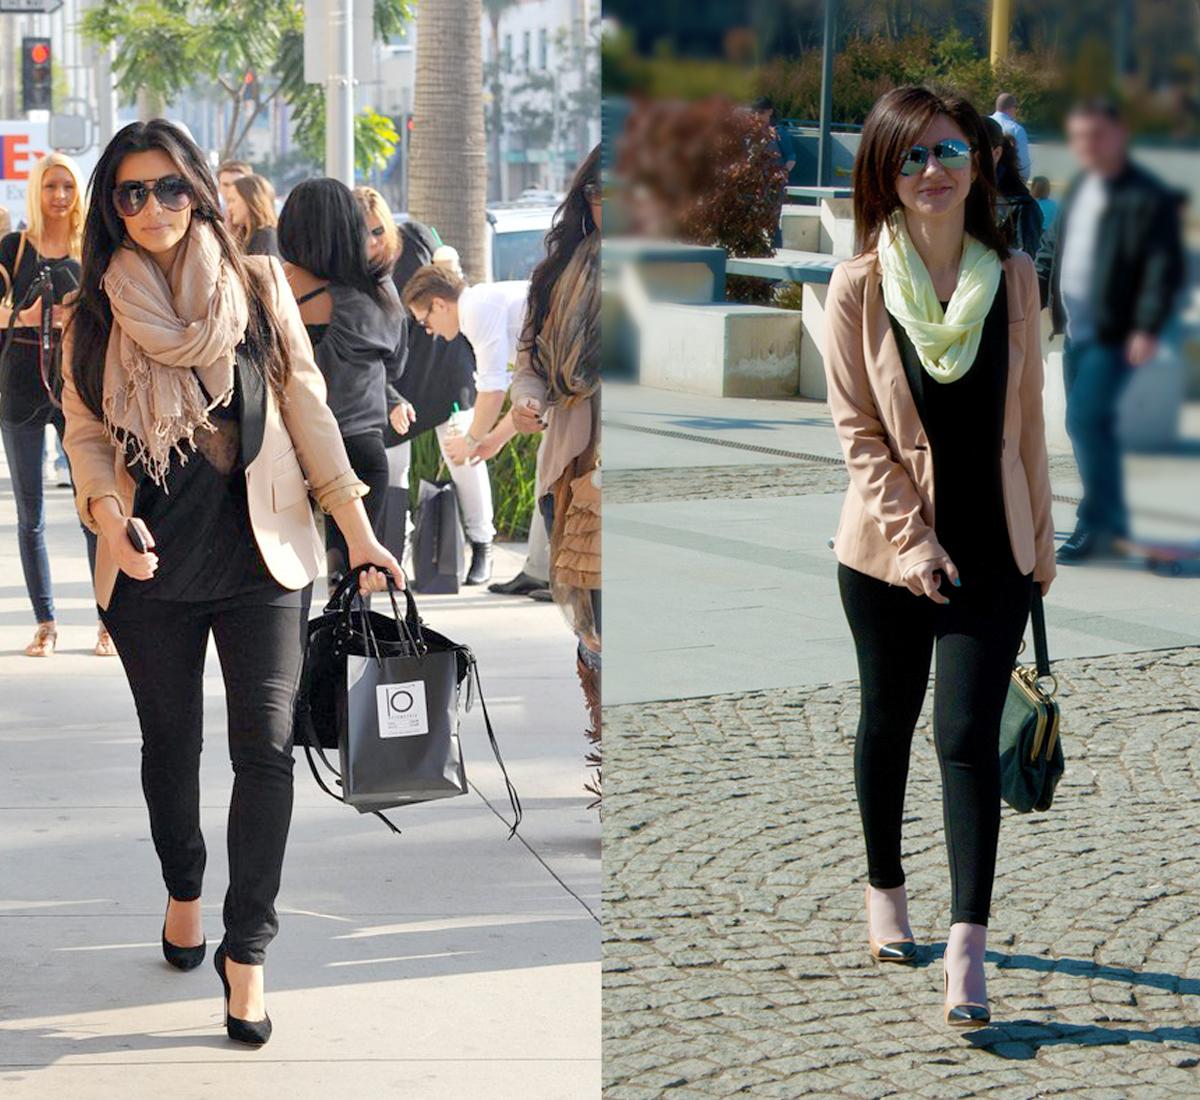 http://1.bp.blogspot.com/-IZVbRSh2tKM/T2djJ7FnjsI/AAAAAAAACvE/aY3-T5BBqIQ/s1600/kim+Kardashian+Look.jpg